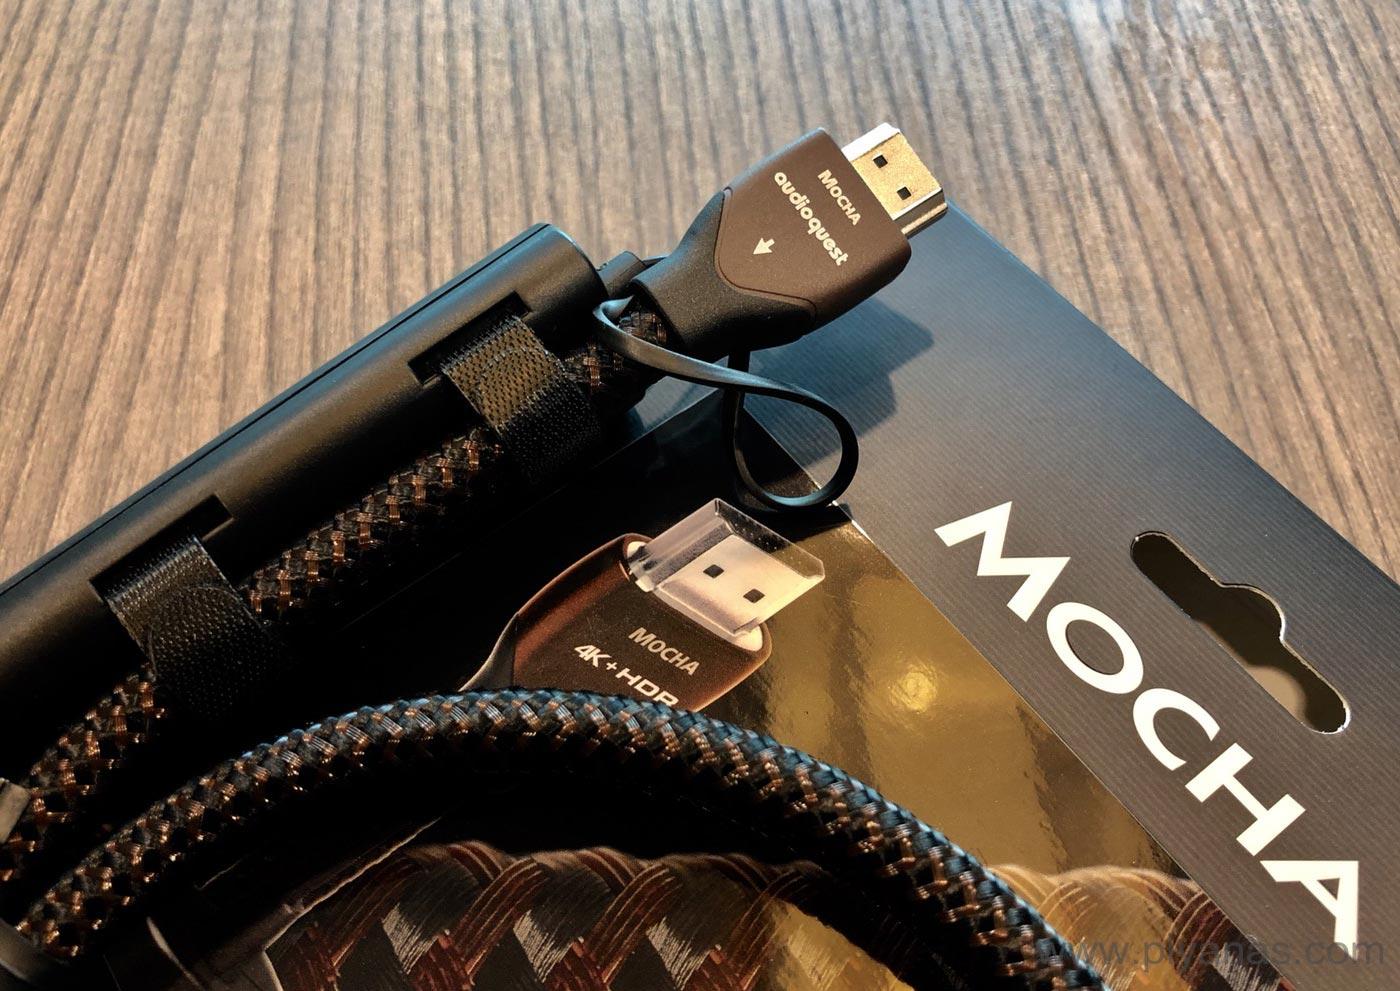 HDMI MOCHA (1.M) 1 เส้น Limited edition + DBS